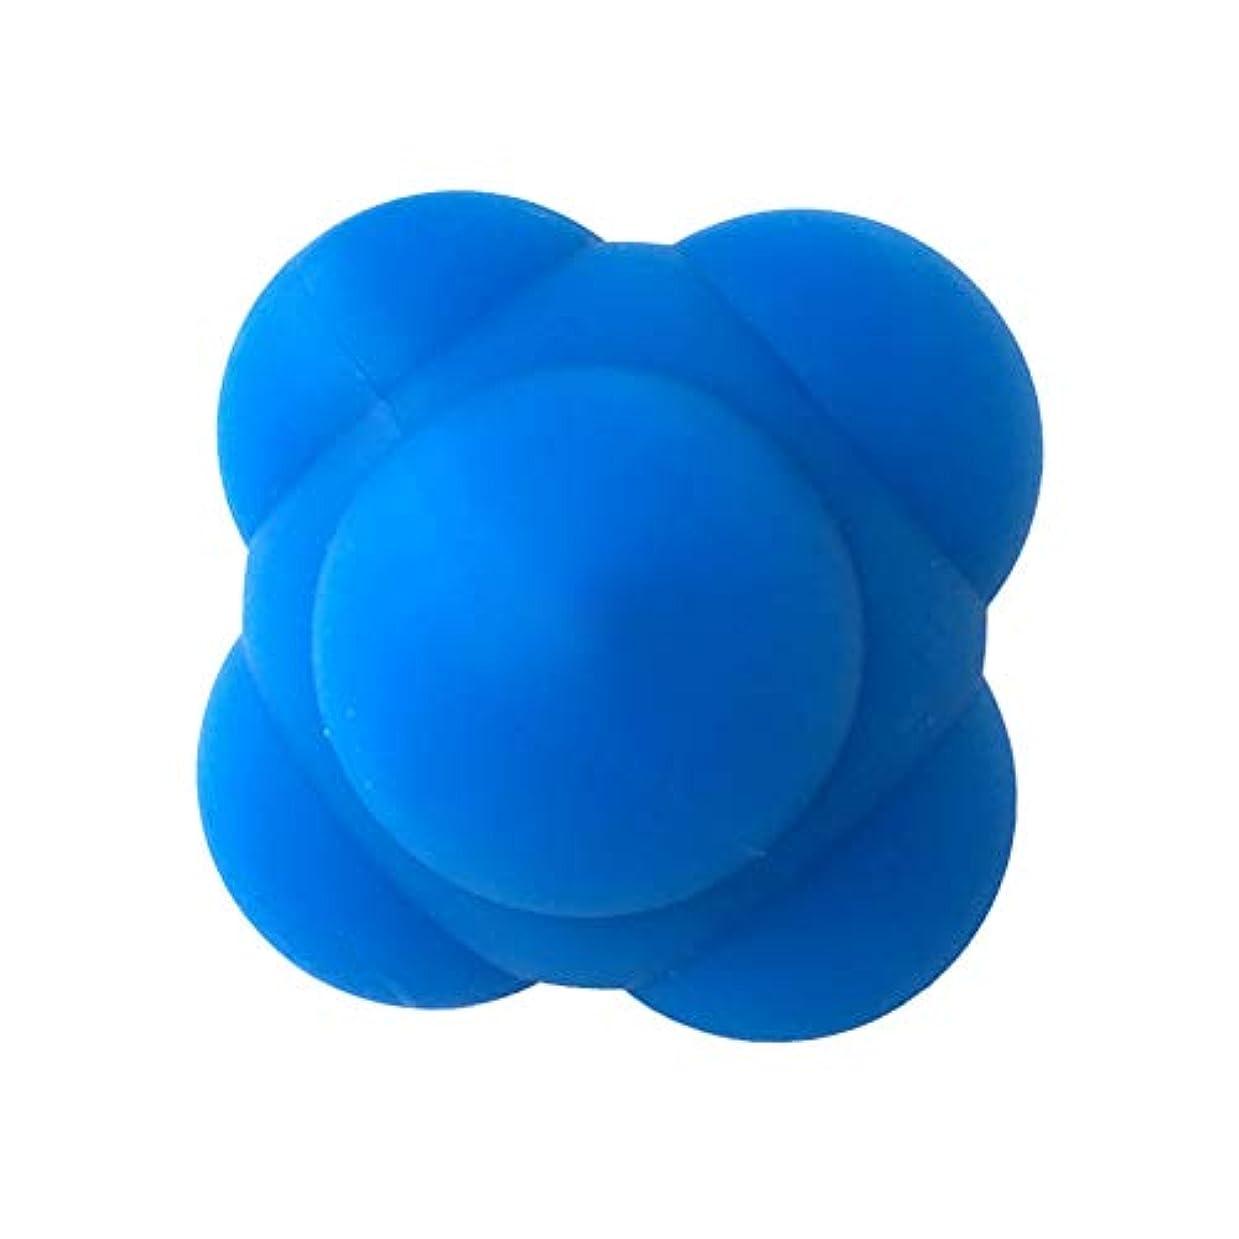 従来の断線労働SUPVOX 野球 練習用品 トレーニングボール ヘキサゴンボール リアクションボール スポーツボール6cm(青)